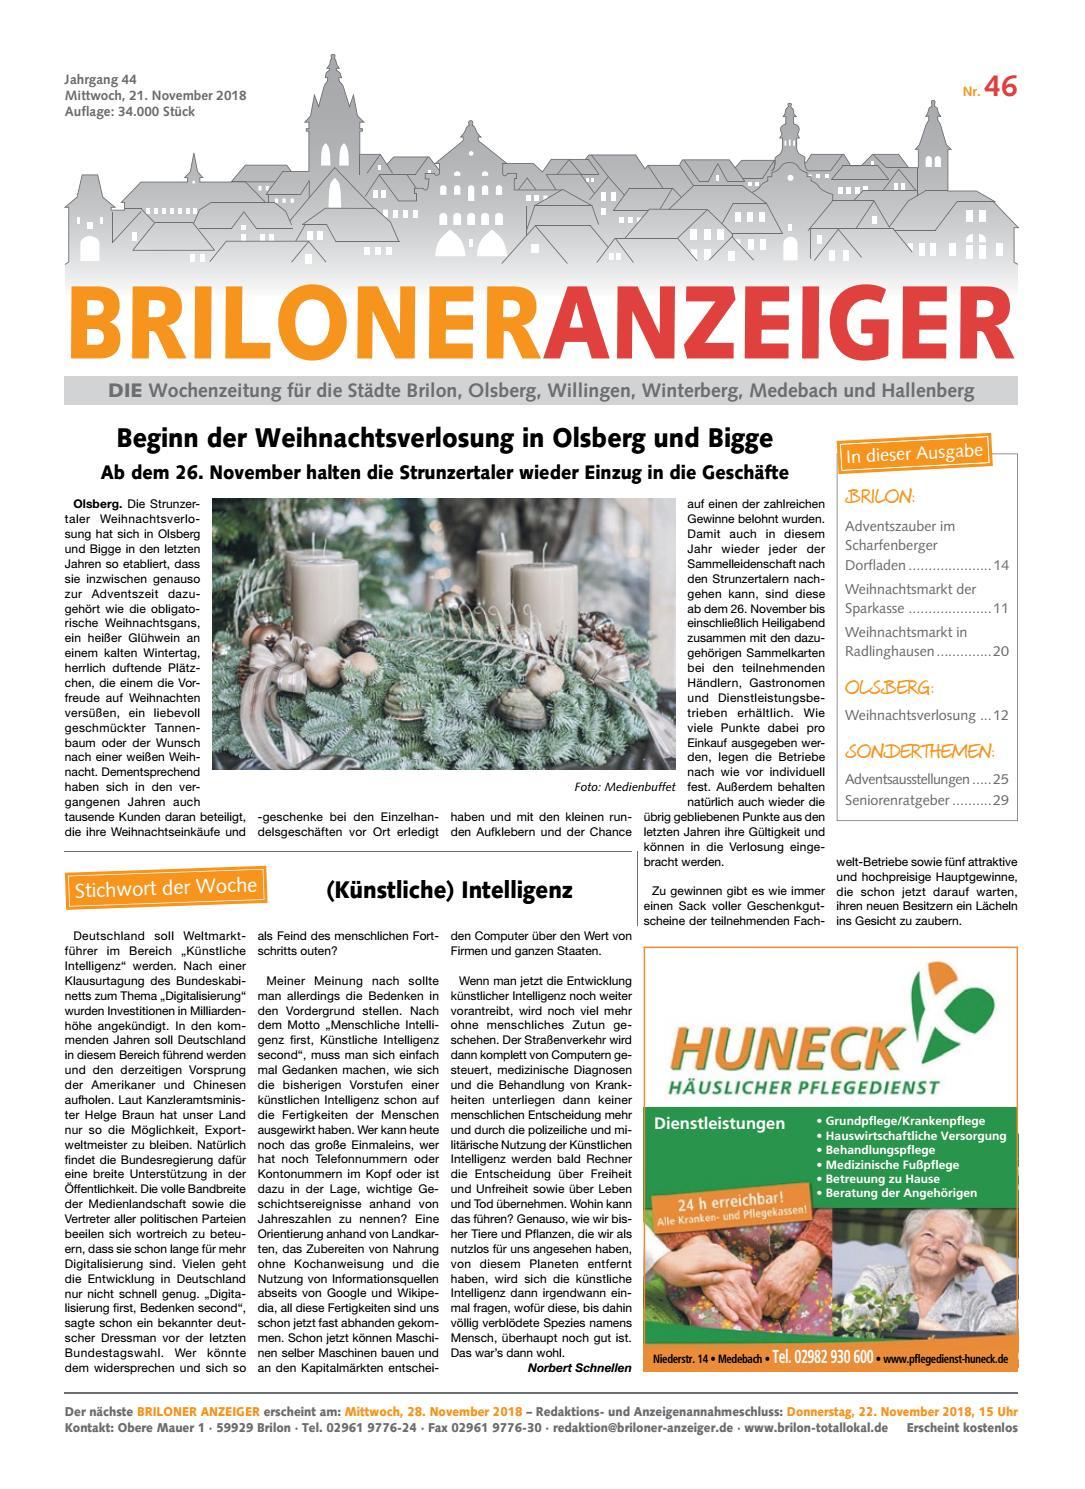 da9ee0020e173a Briloner Anzeiger Ausgabe vom 21.11.2018 Nr. 46 by Brilon-totallokal - issuu